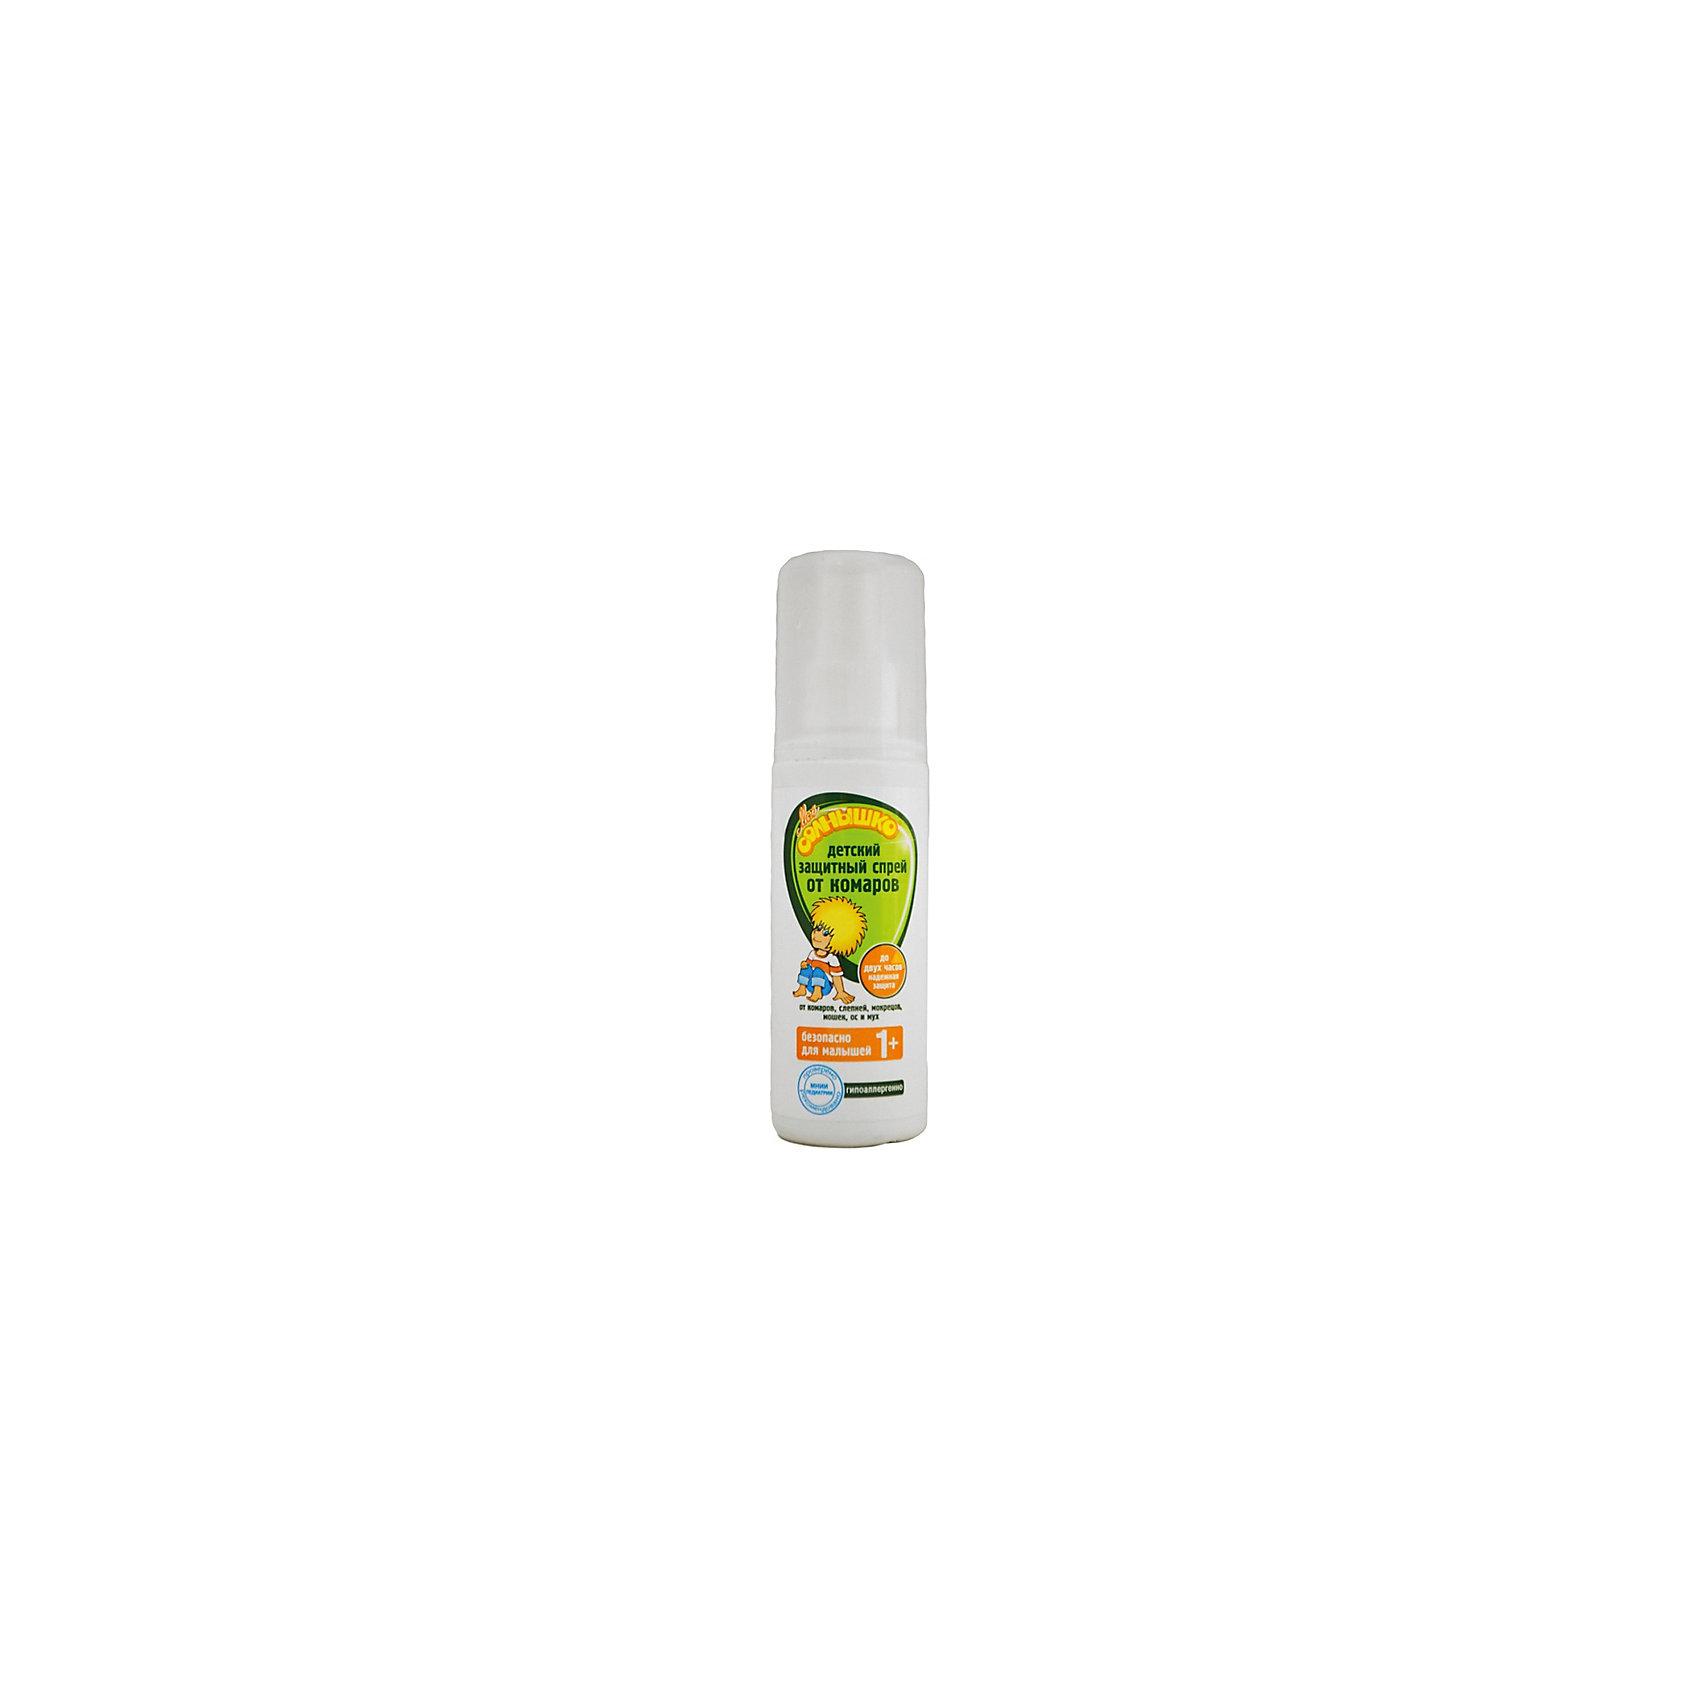 Защитный спрей от комаров, Моё солнышкоДетский защитный спрей от комаров Мое солнышко - надежная защита о комаров, слепней, мокрецов, мошек, ос и мух до двух часов. Спрей разработан специально для детей. Эффективно защищает от комаров, слепней и других летающих насекомых. Безопасный для ребенка состав подходит даже для малышей от 1 года. Не оставляет жирных следов на одежде. Обладает мягким запахом.<br><br>Ширина мм: 40<br>Глубина мм: 40<br>Высота мм: 144<br>Вес г: 120<br>Возраст от месяцев: 12<br>Возраст до месяцев: 36<br>Пол: Унисекс<br>Возраст: Детский<br>SKU: 4124472